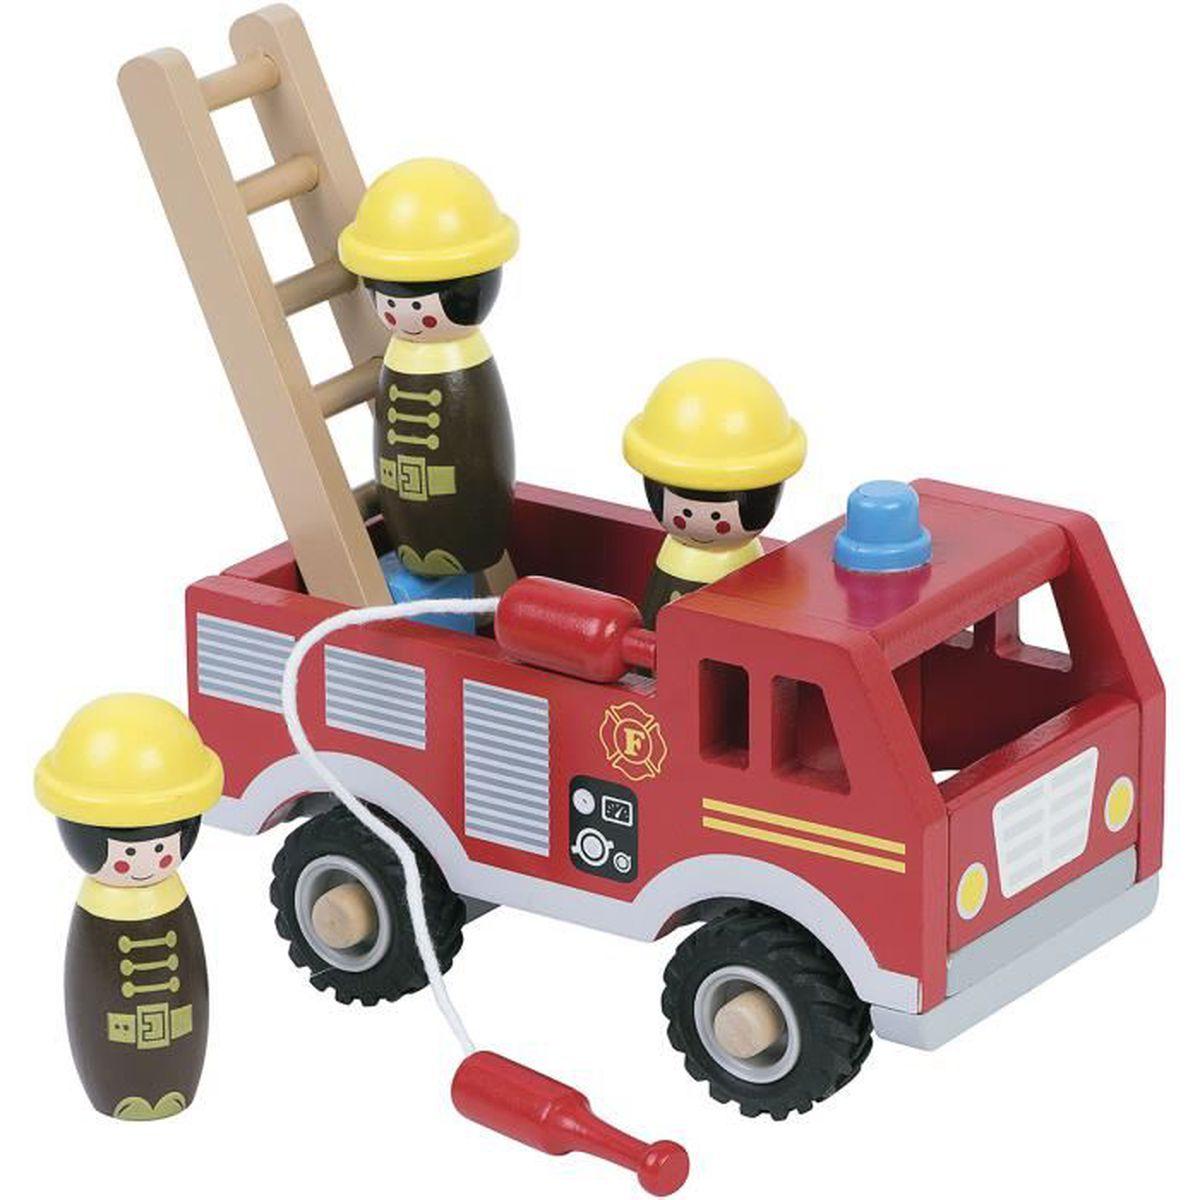 Camion pompier bois achat vente camion enfant cdiscount - Vente camion pompier ...